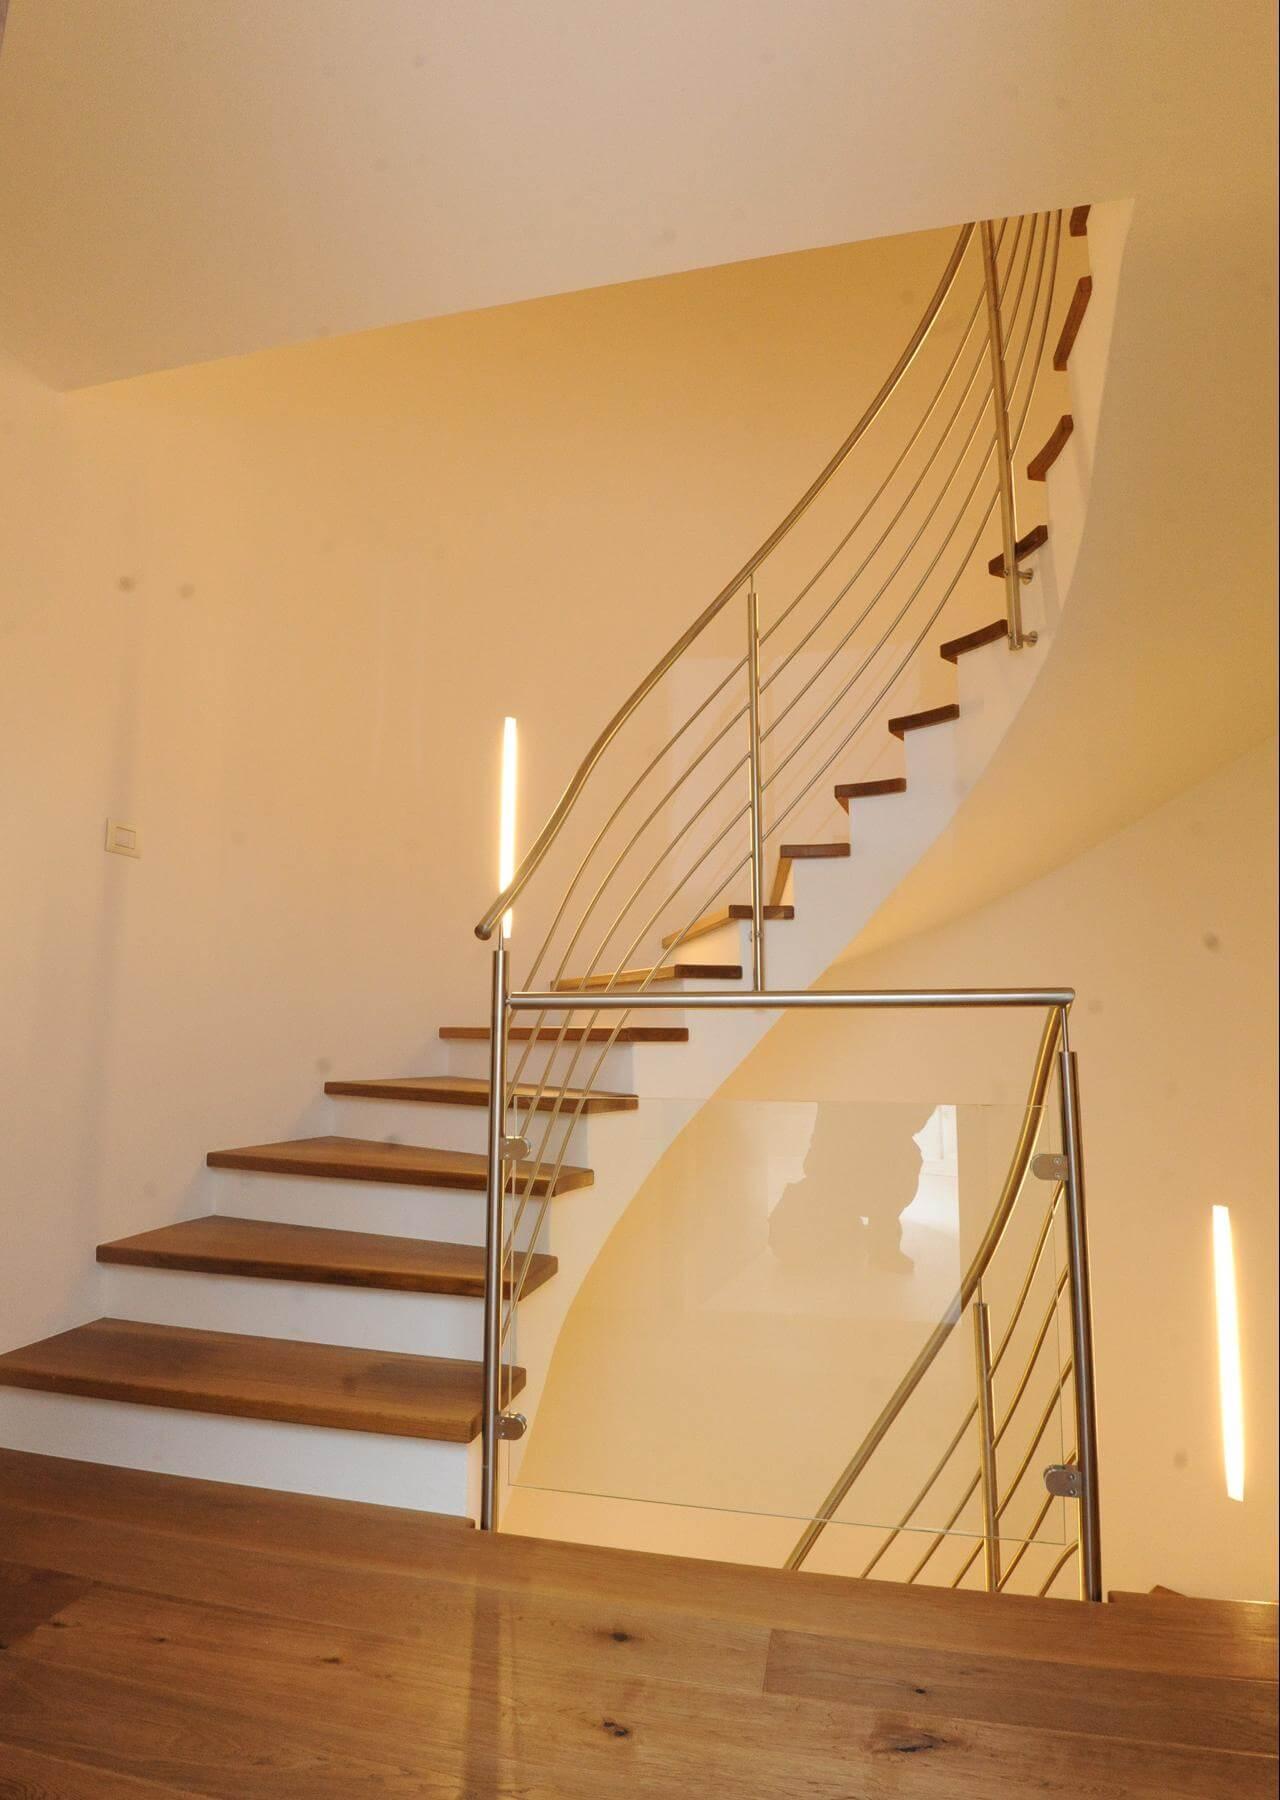 holzstufen auf betontreppe. Black Bedroom Furniture Sets. Home Design Ideas